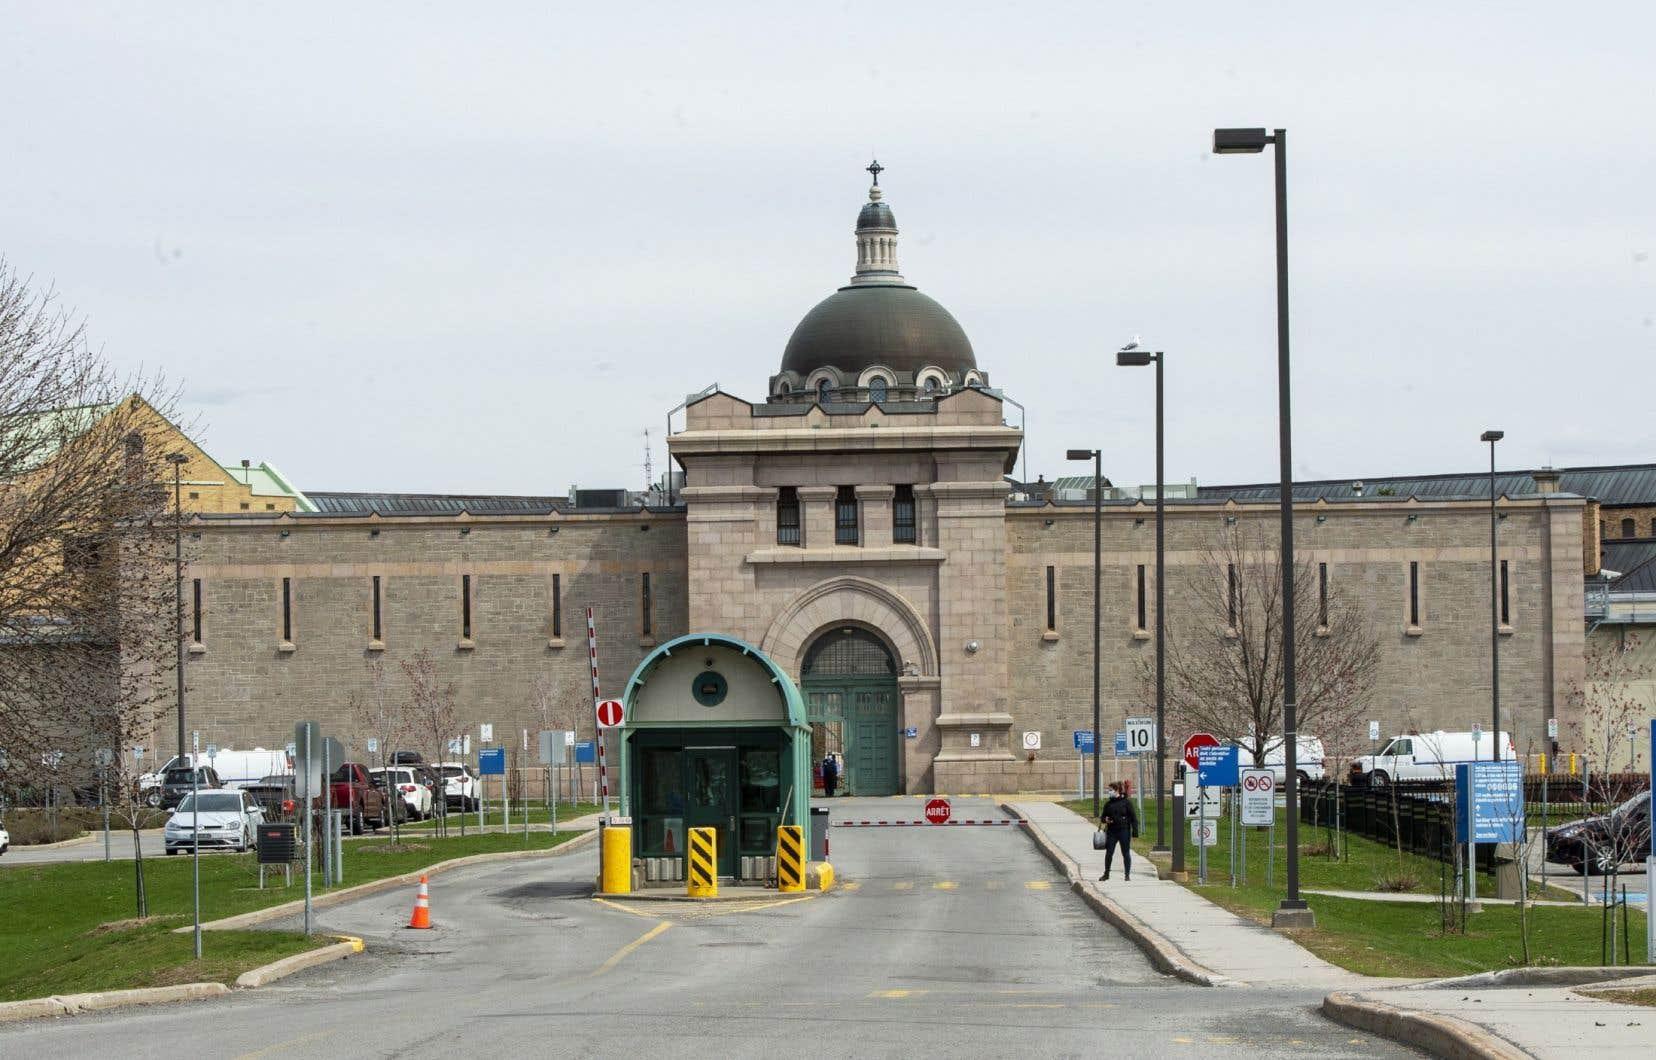 Le nombre de détenus atteints de la COVID-19 à la prison de Bordeaux, à Montréal, a plus que doublé depuis vendredi.